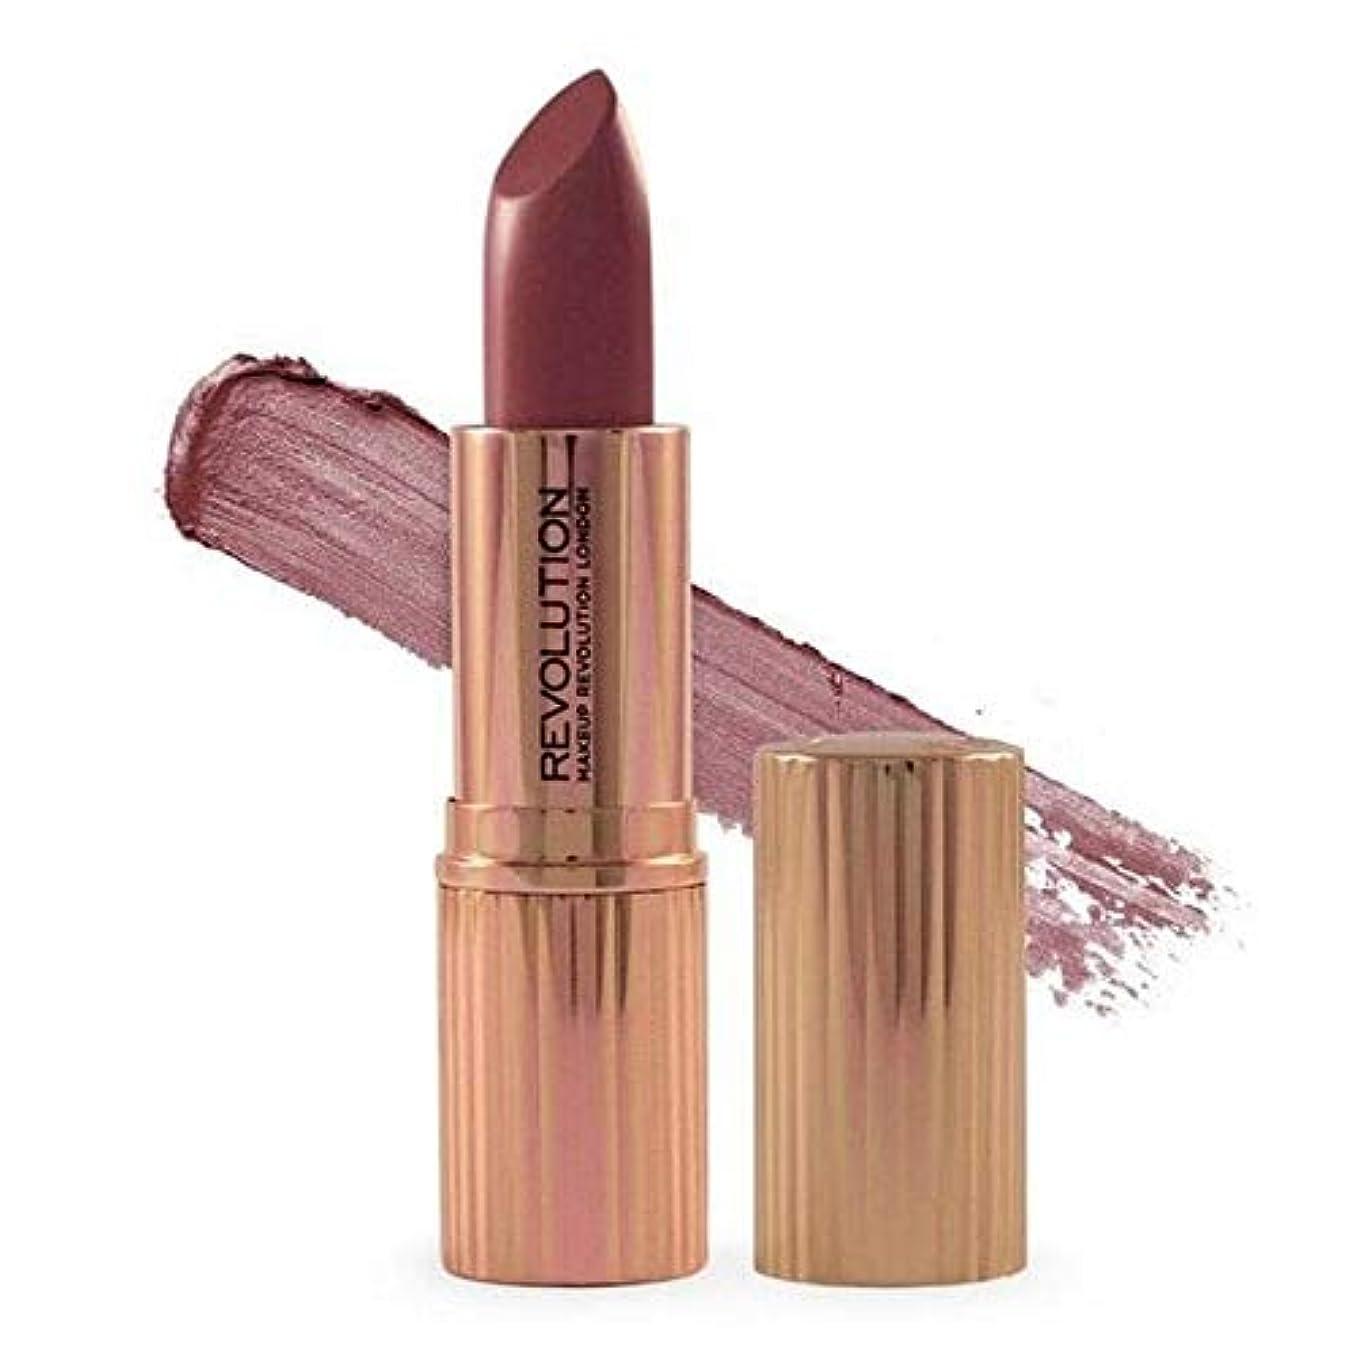 パテサイドボード平等[Revolution ] 革命のルネサンス口紅更新 - Revolution Renaissance Lipstick Renew [並行輸入品]